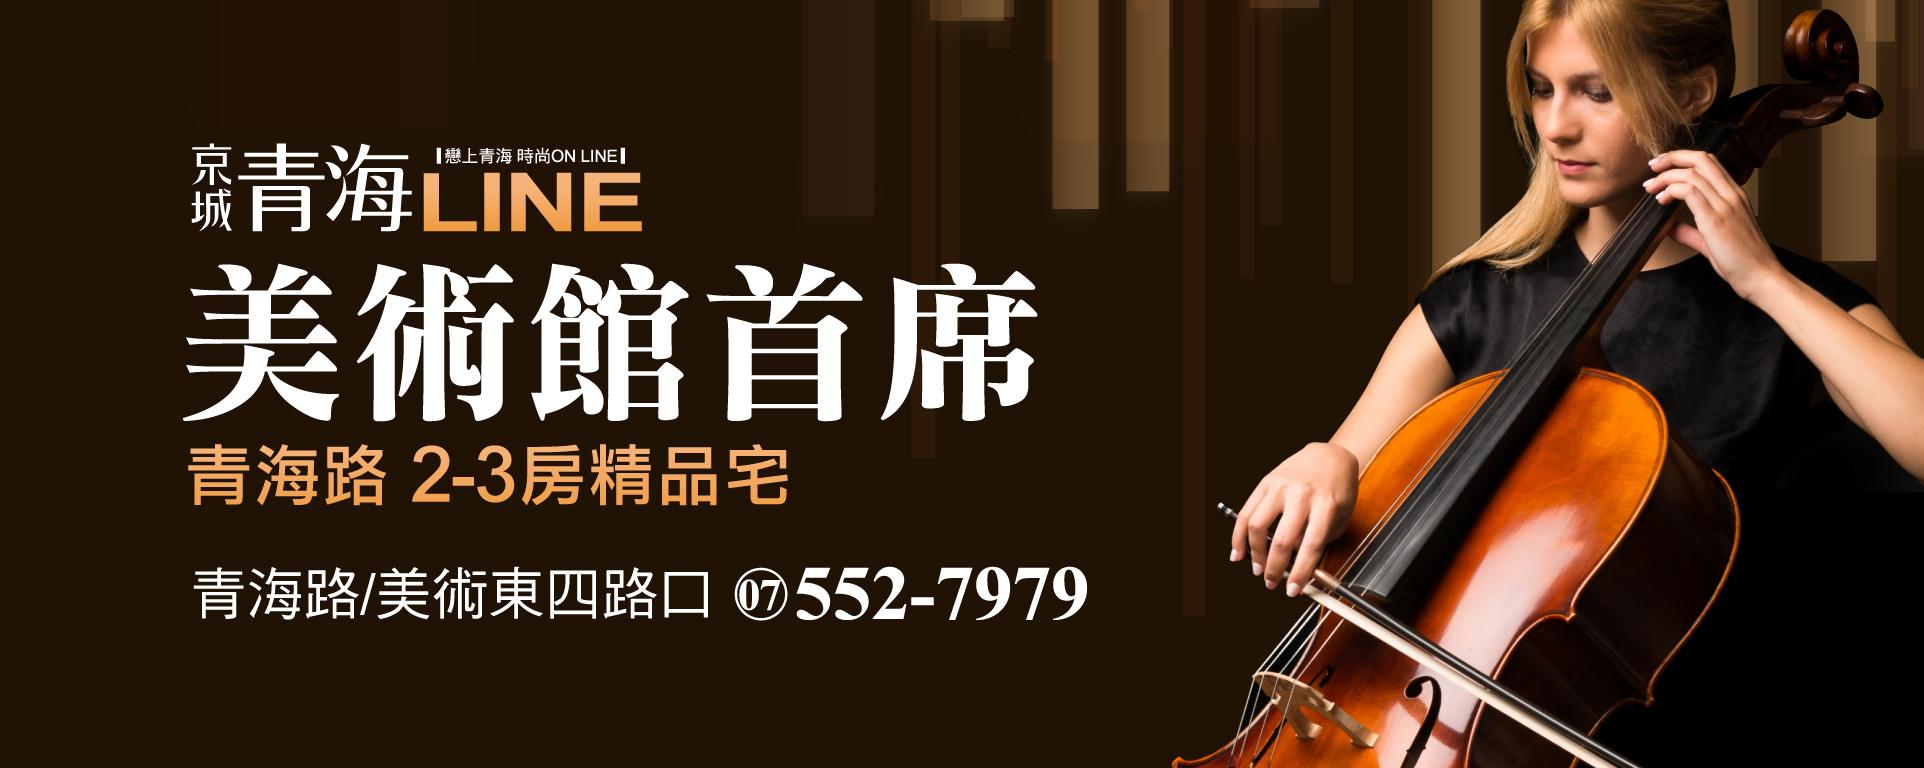 青海line 美術館首席2-3房